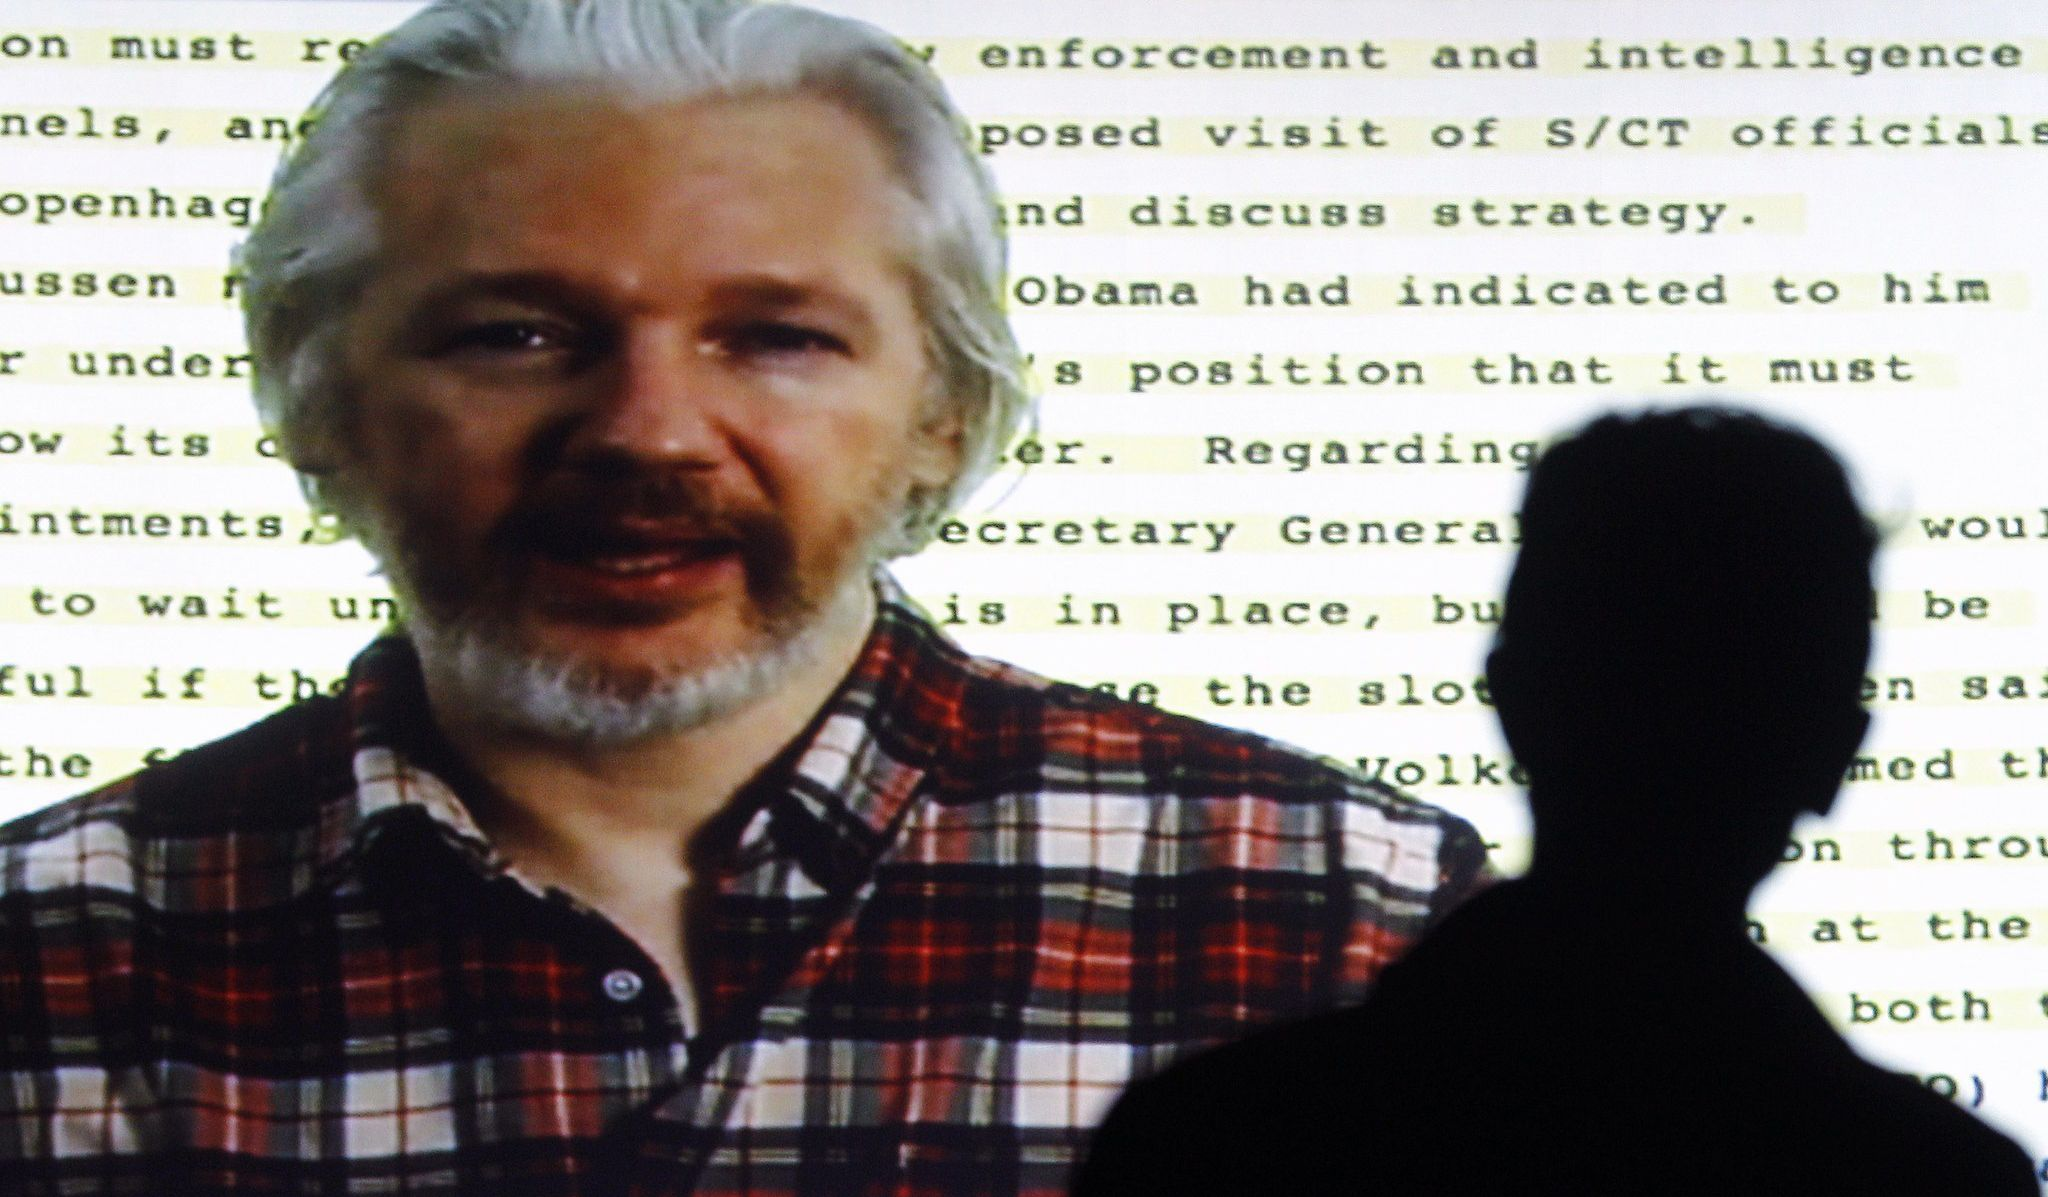 10_23_wikileaks-01